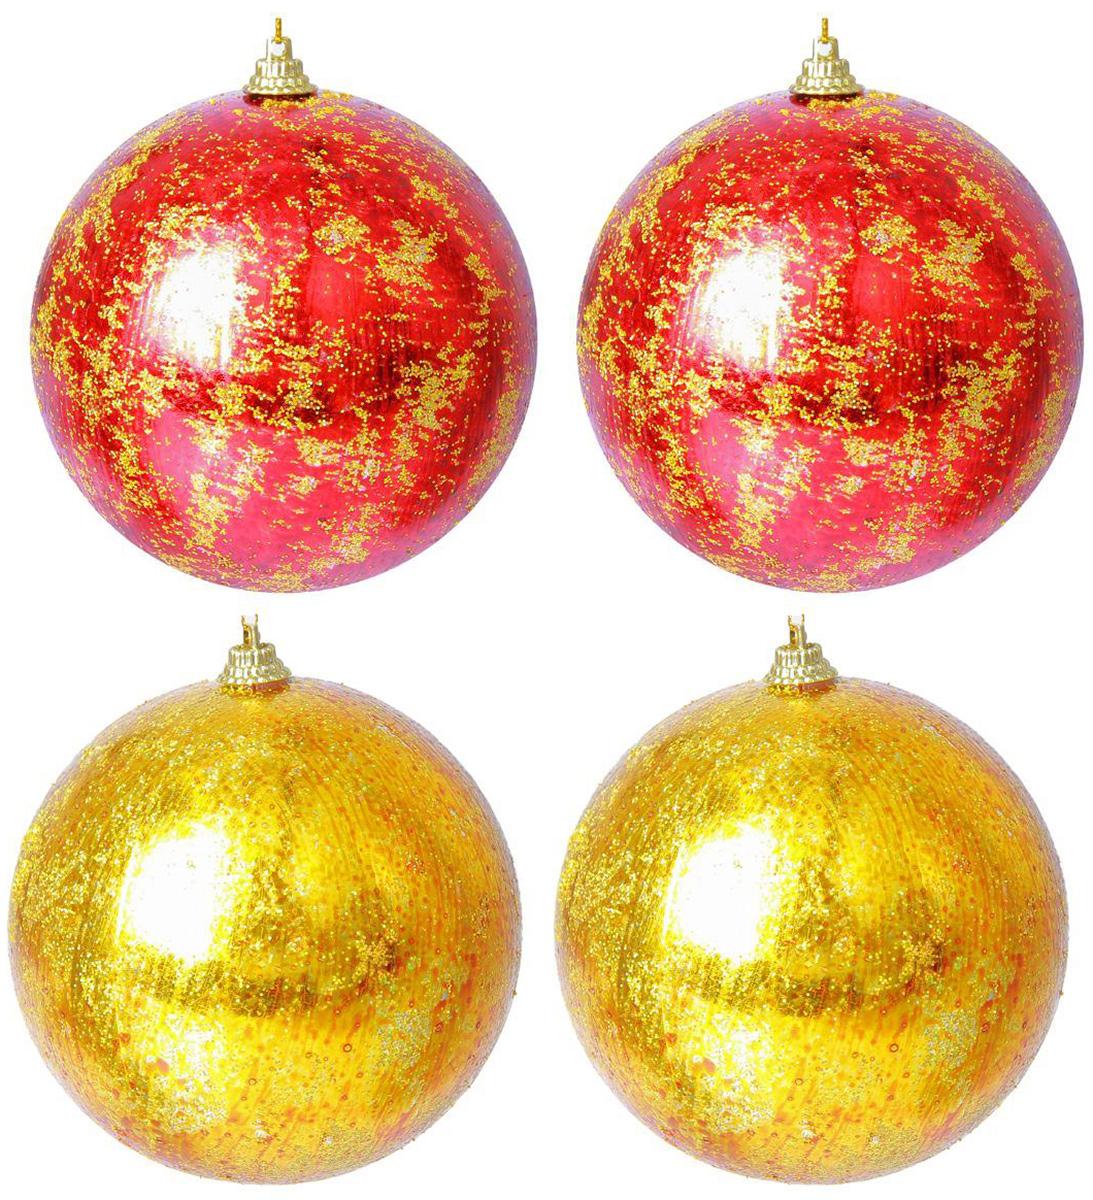 Набор новогодних подвесных украшений Sima-land Затмение, диаметр 10 см, 4 шт2137178Набор новогодних подвесных украшений Sima-land отлично подойдет для декорации вашего дома и новогодней ели. С помощью специальной петельки украшение можно повесить в любом понравившемся вам месте. Но, конечно, удачнее всего оно будет смотреться на праздничной елке. Елочная игрушка - символ Нового года. Она несет в себе волшебство и красоту праздника. Создайте в своем доме атмосферу веселья и радости, украшая новогоднюю елку нарядными игрушками, которые будут из года в год накапливать теплоту воспоминаний.